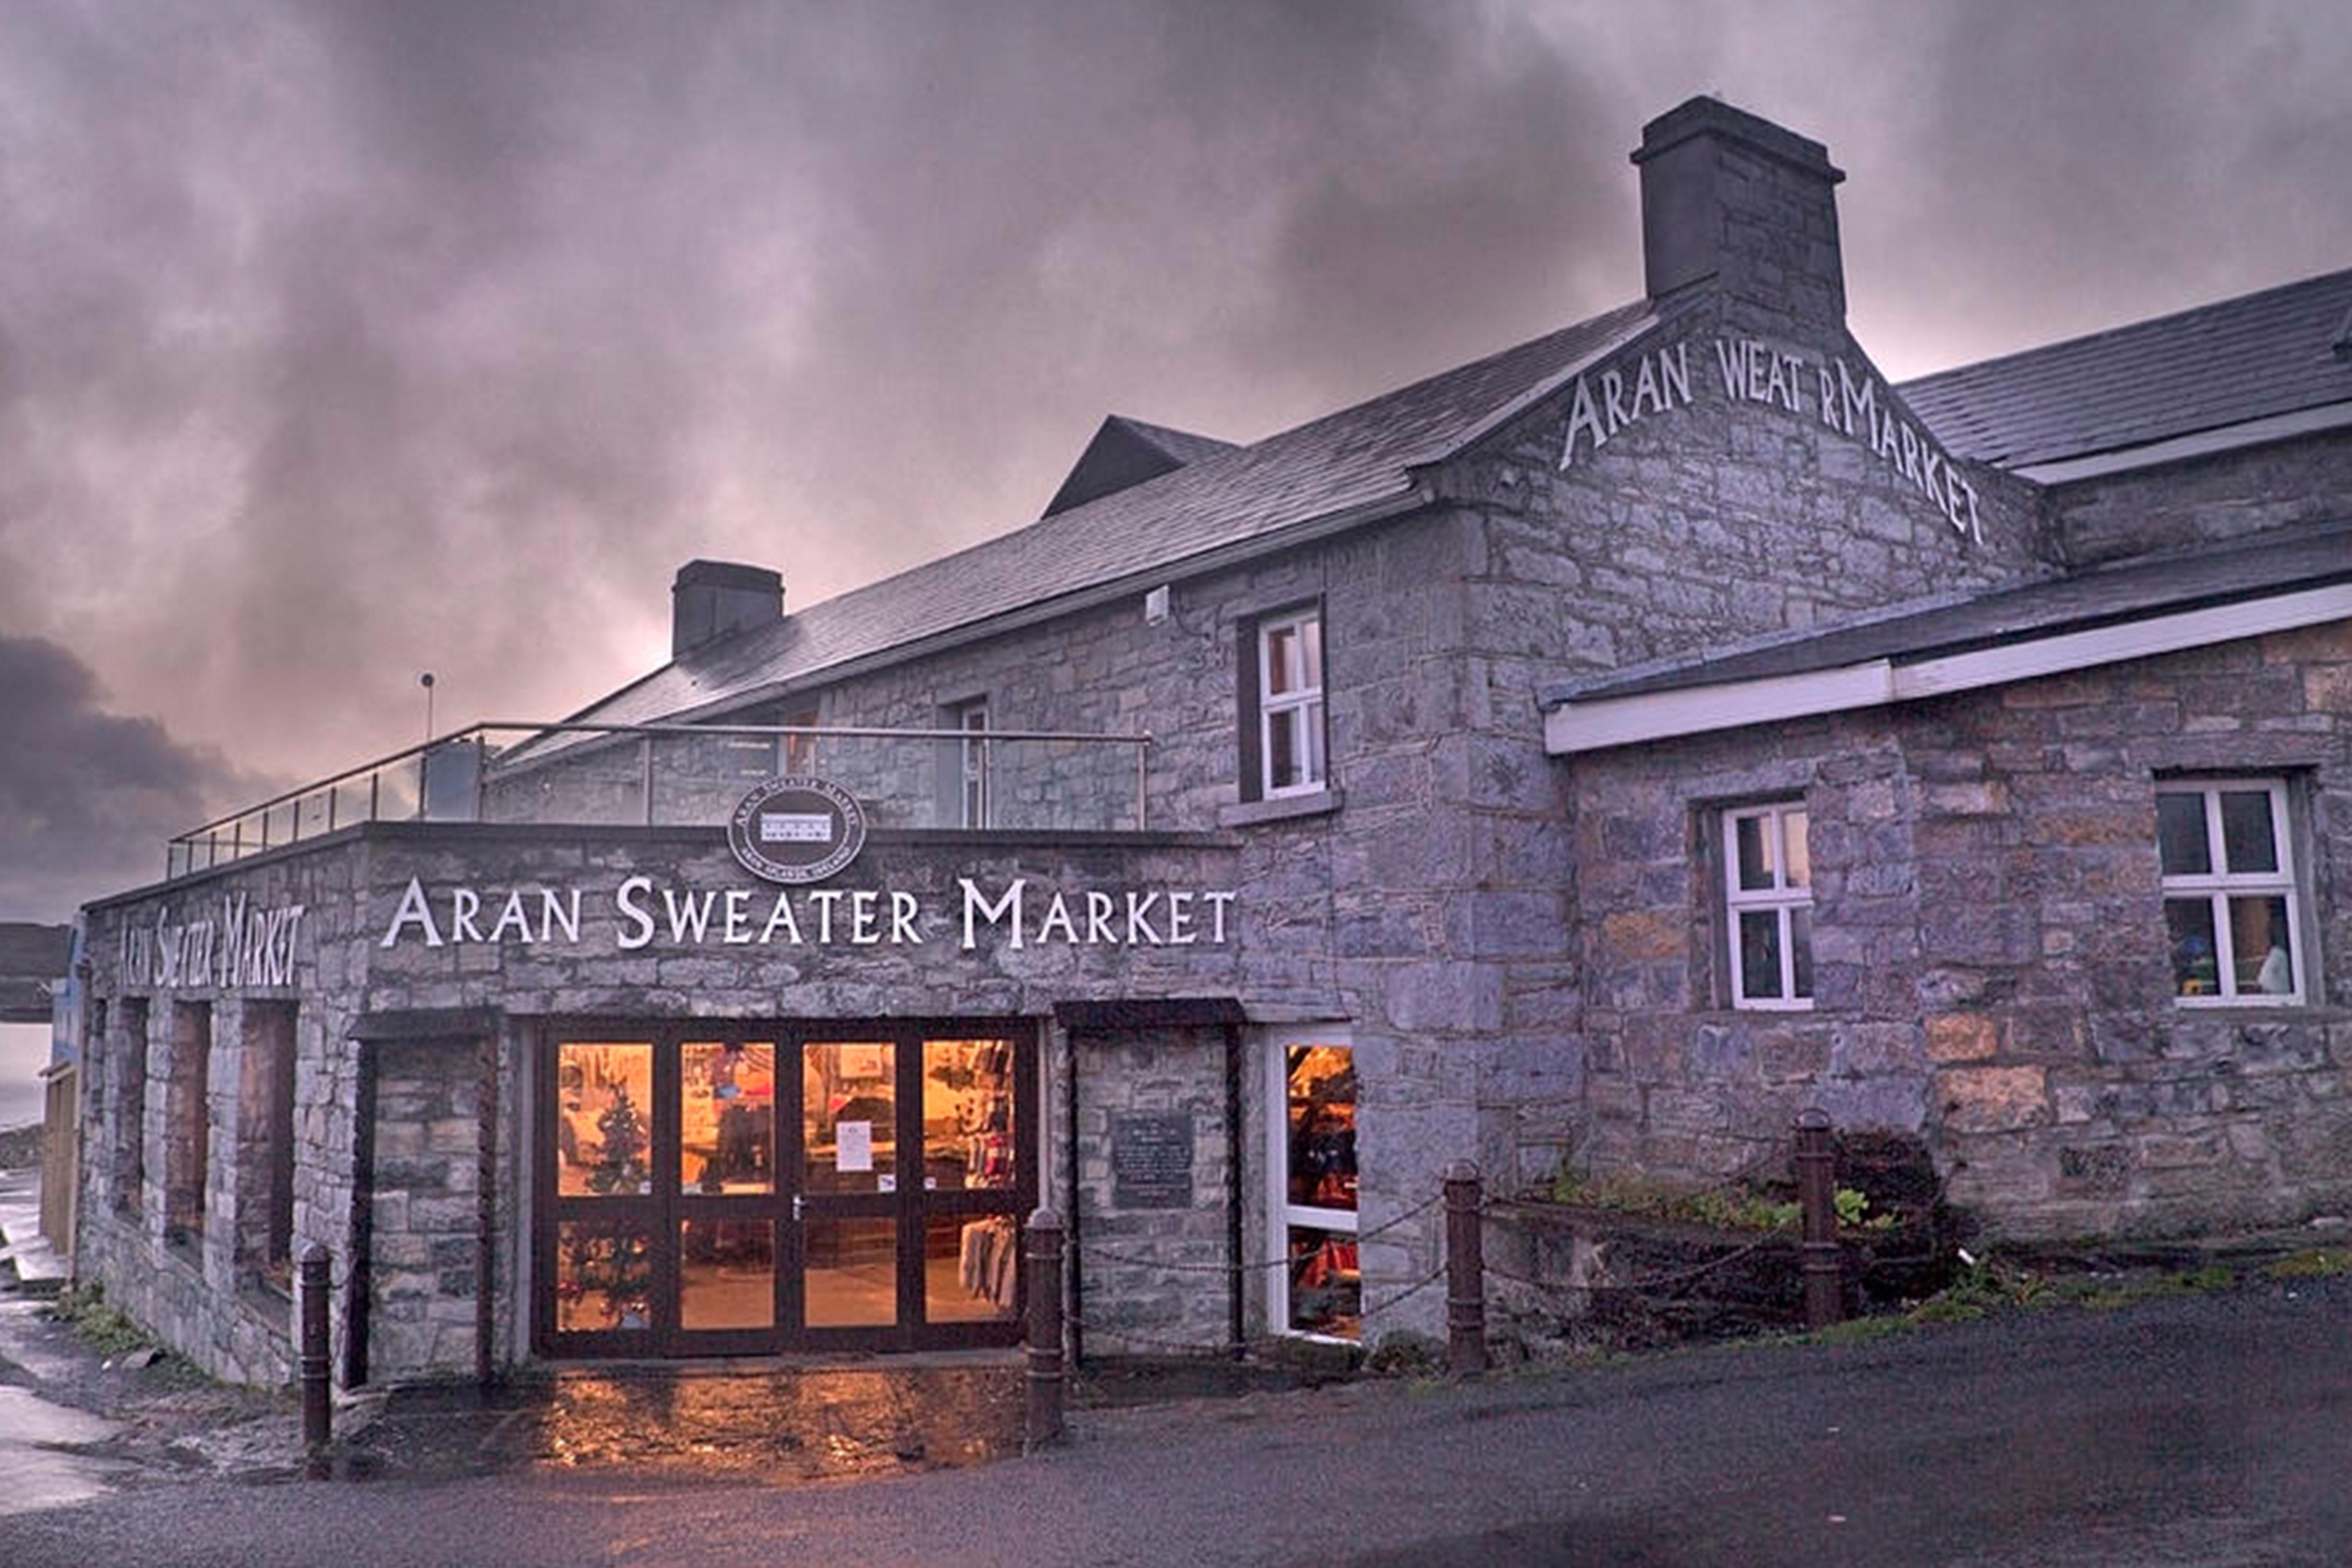 Aran Sweater Market, Kilronan on Inis Mor, Aran Islands